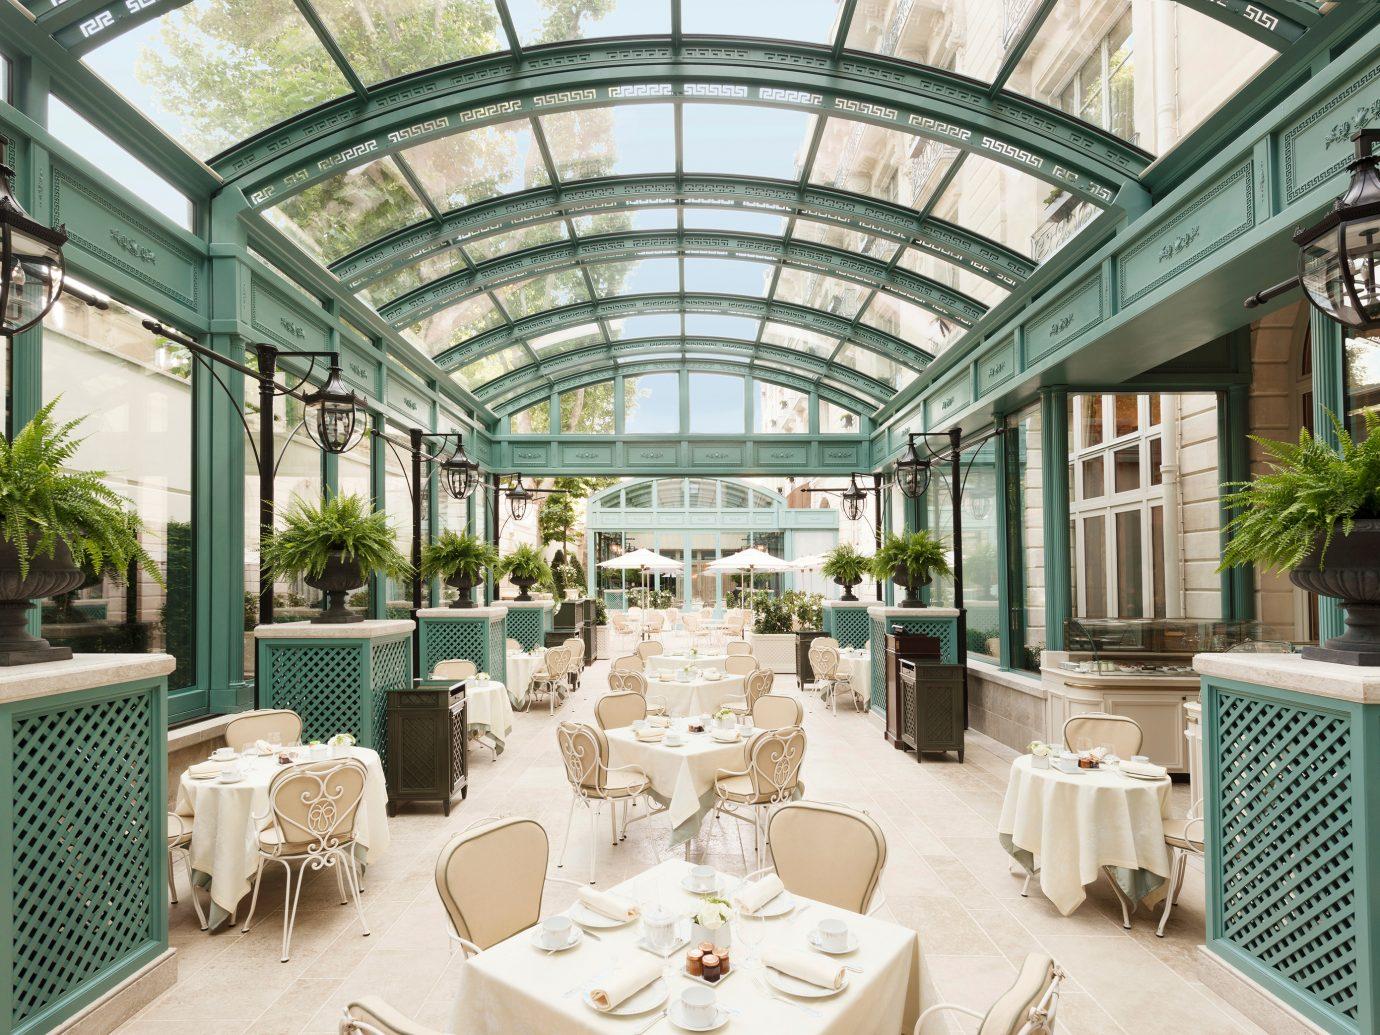 Restaurant at the Ritz Paris